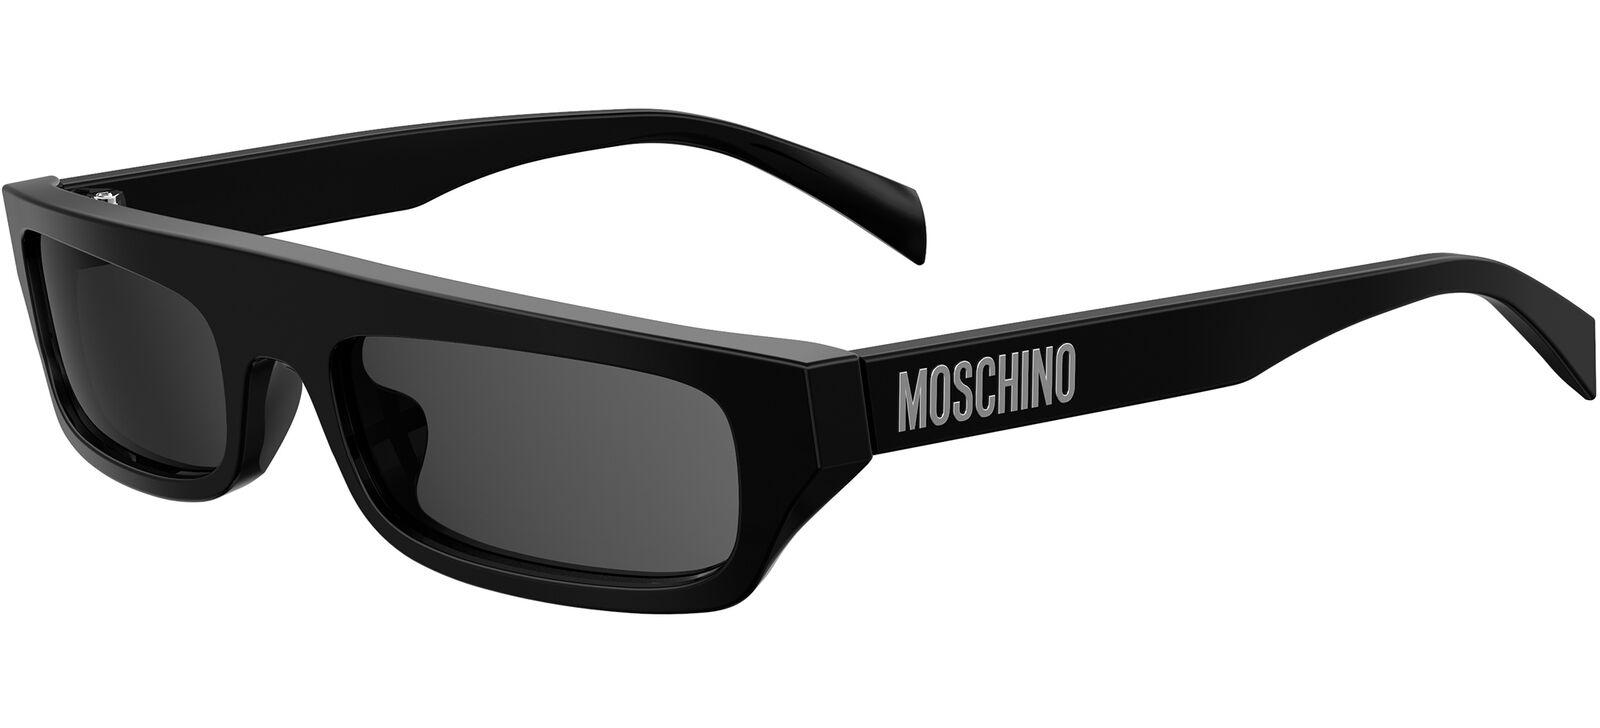 Moschino MOS047/S Black/Dark Grey 53/19/135 women Sunglasses